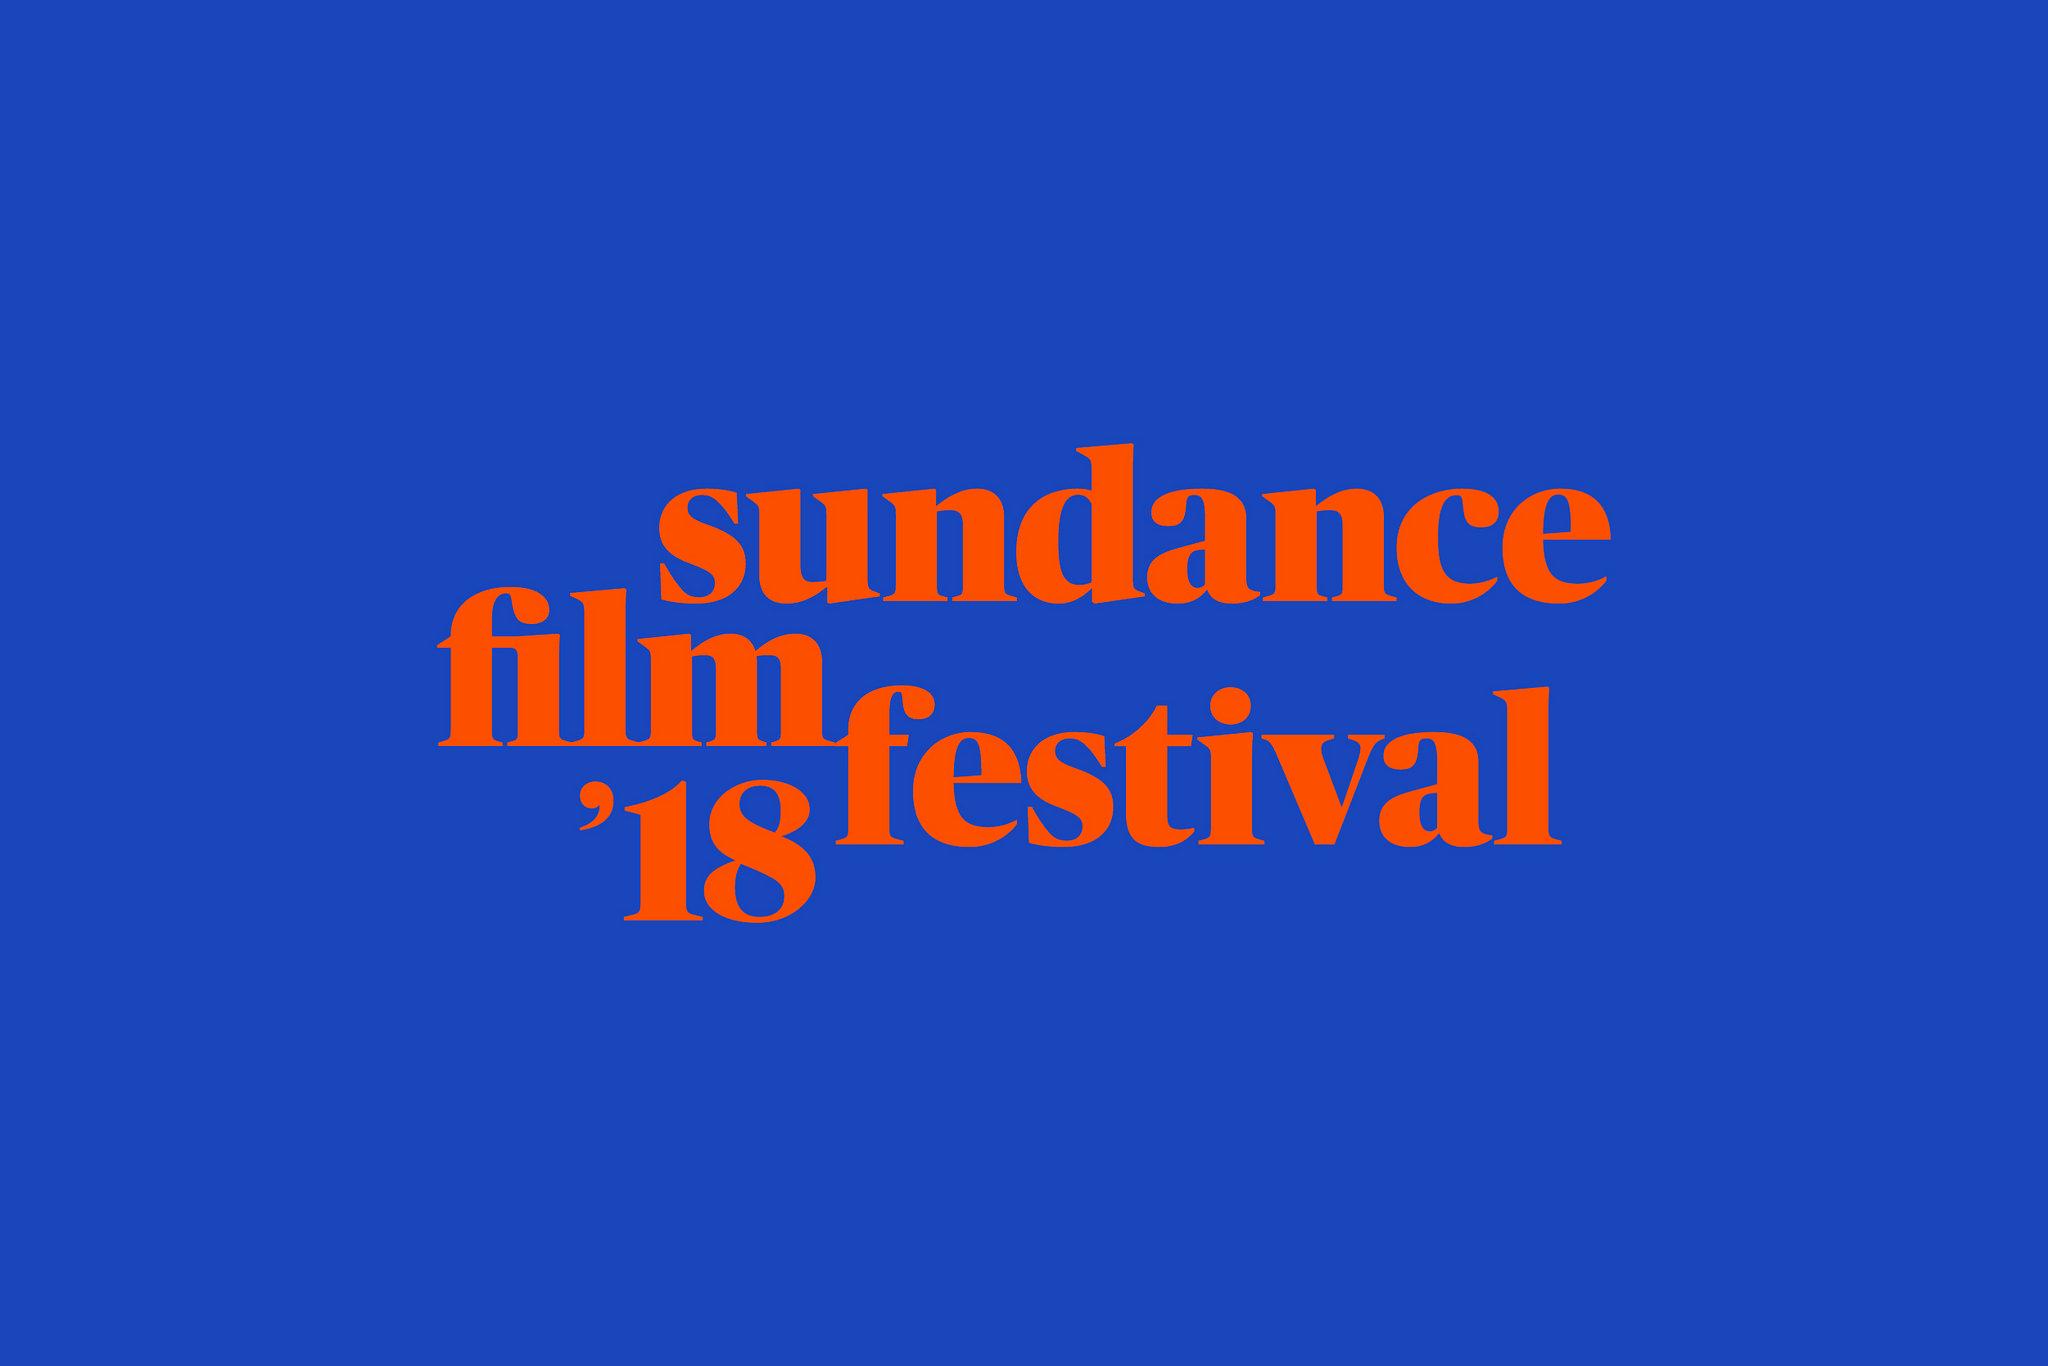 Festival de Sundance 2018: destaques da seleção